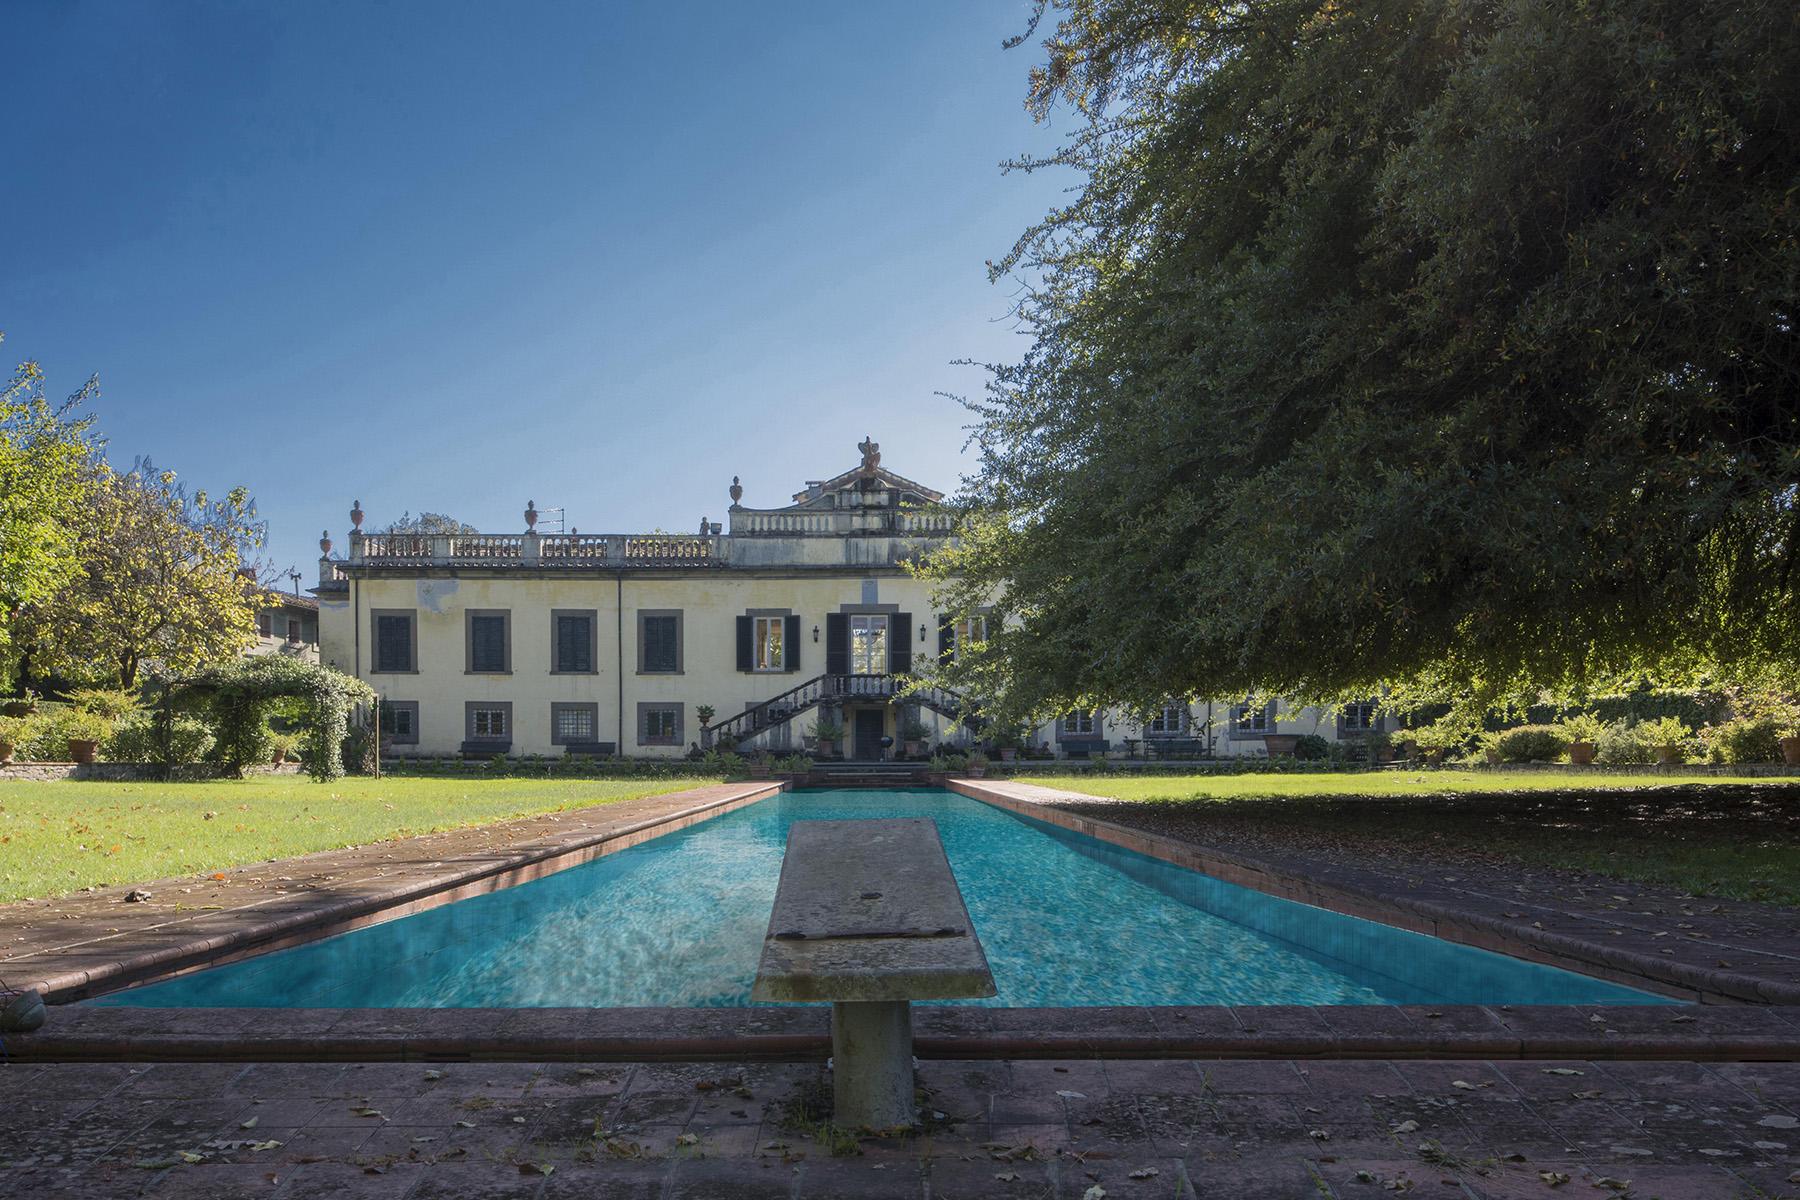 Magnifique villa historique dans la campagne de Lucca